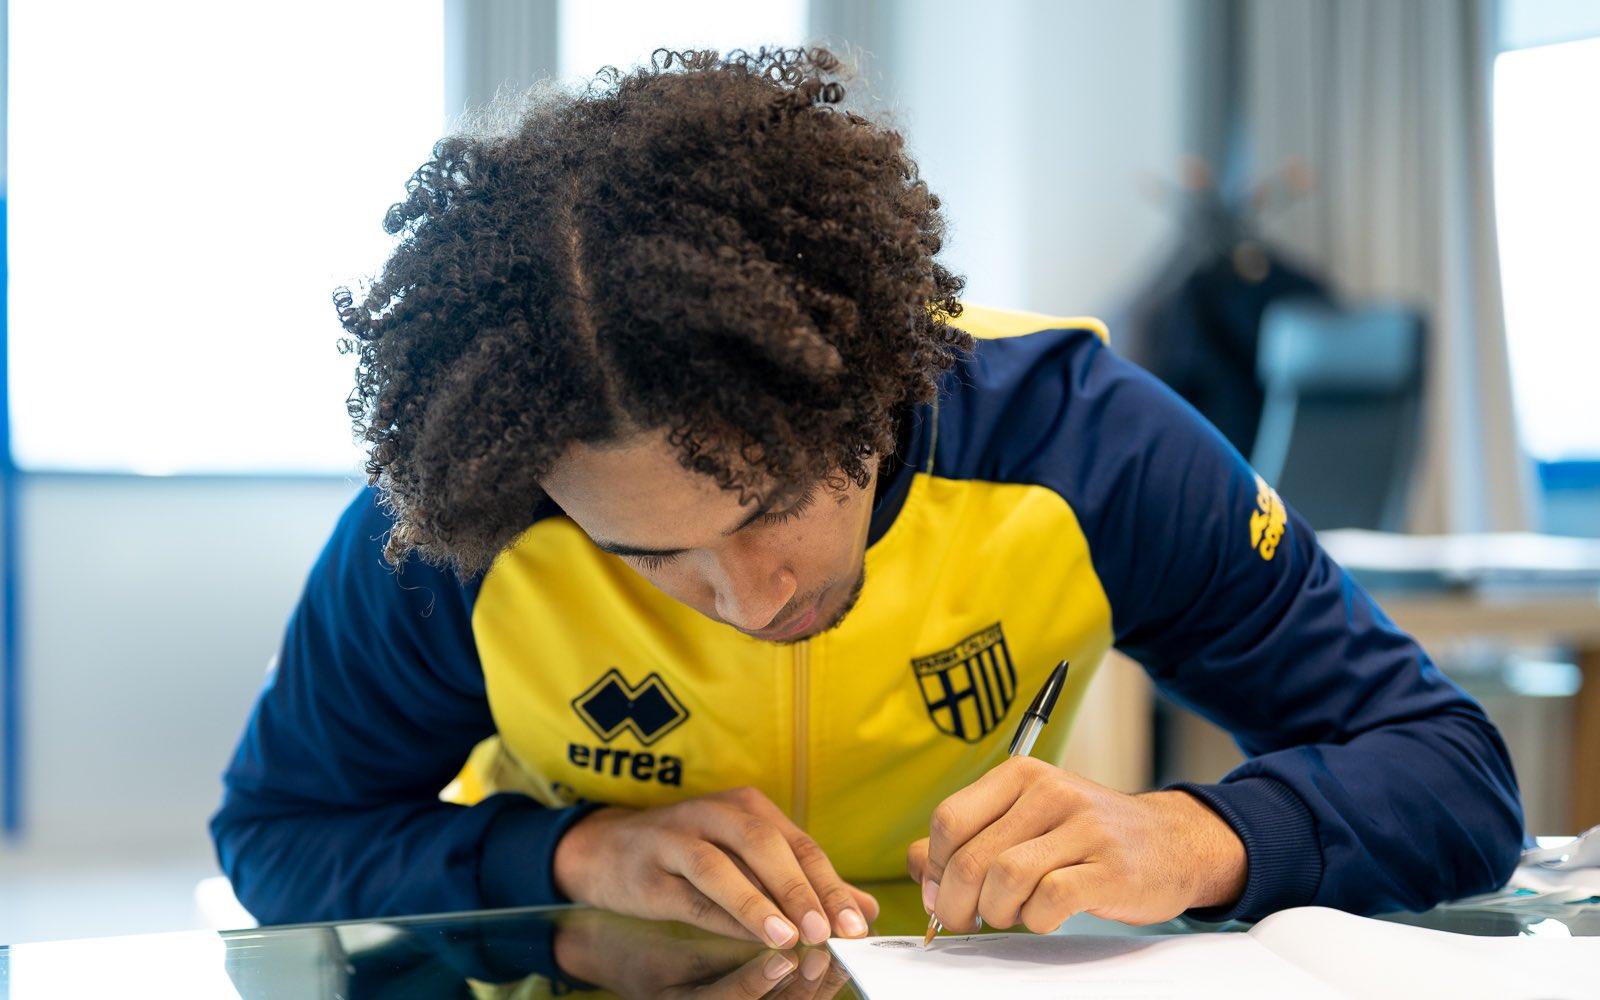 帕尔马现已正式签下了拜仁前锋齐尔克泽,转会方式为租借+1500万买断条款选项